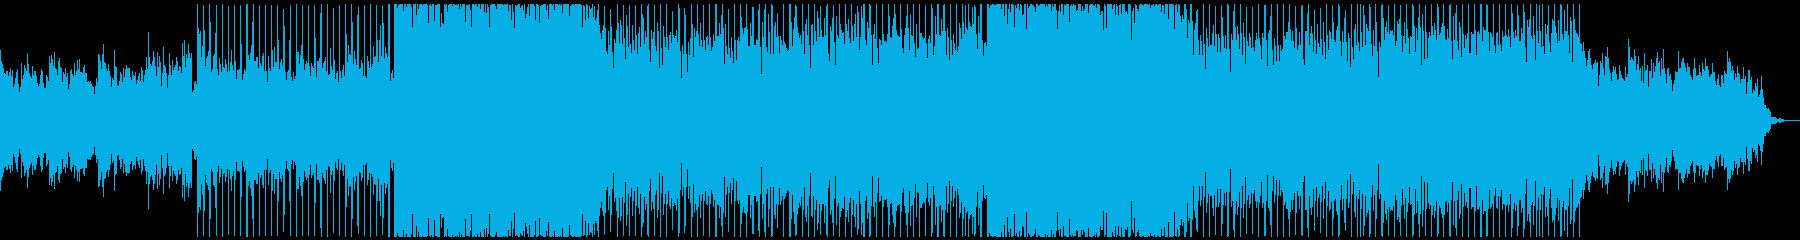 ギターのディレイが幻想的なプログレッシブの再生済みの波形